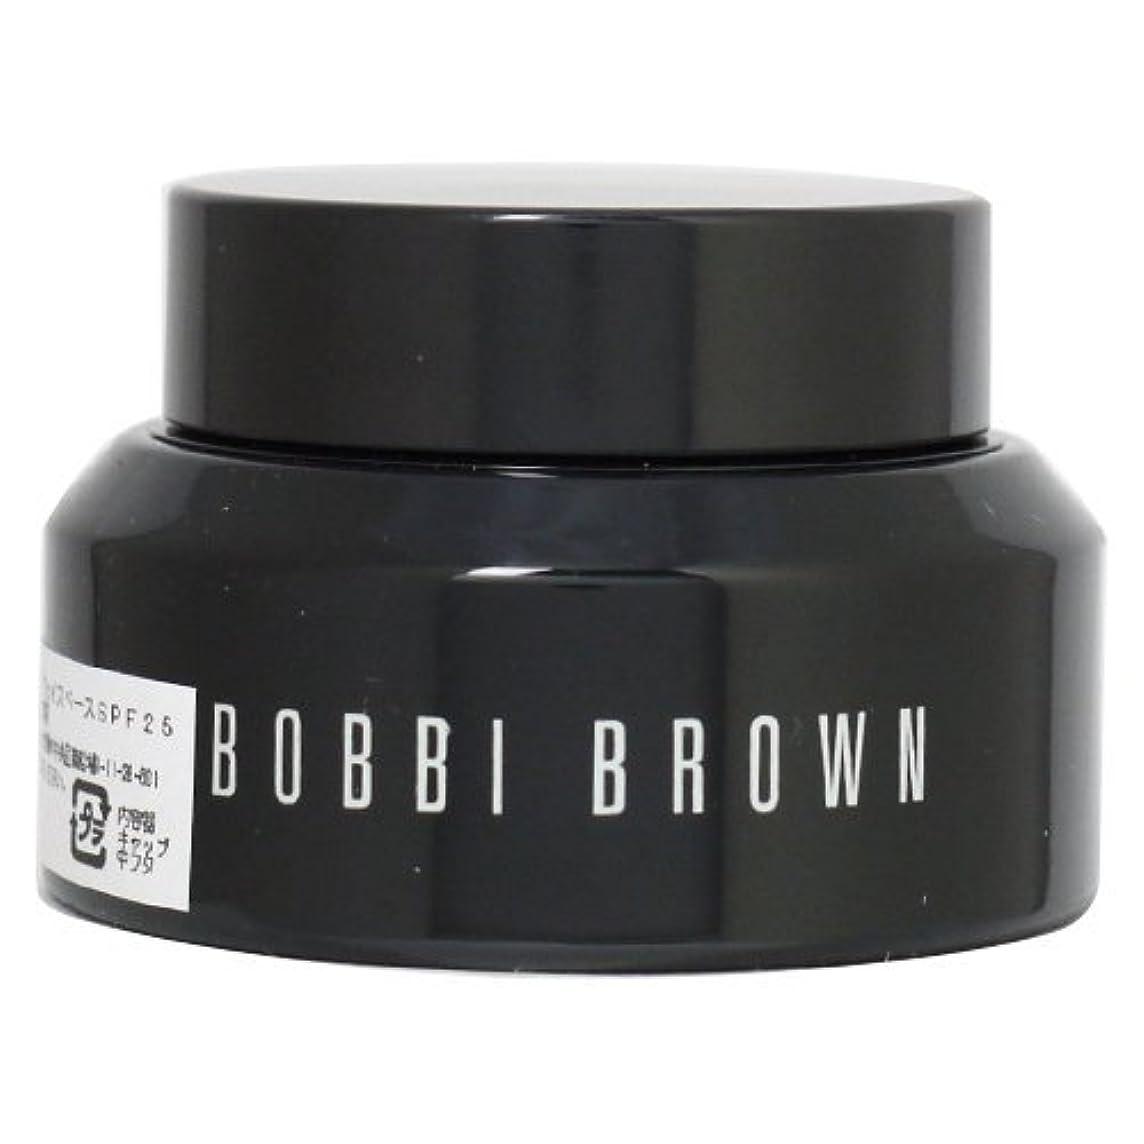 アラバマ強大なボビーブラウン(BOBBI BROWN) イルミネイティング フェイスベース 30ml[並行輸入品]